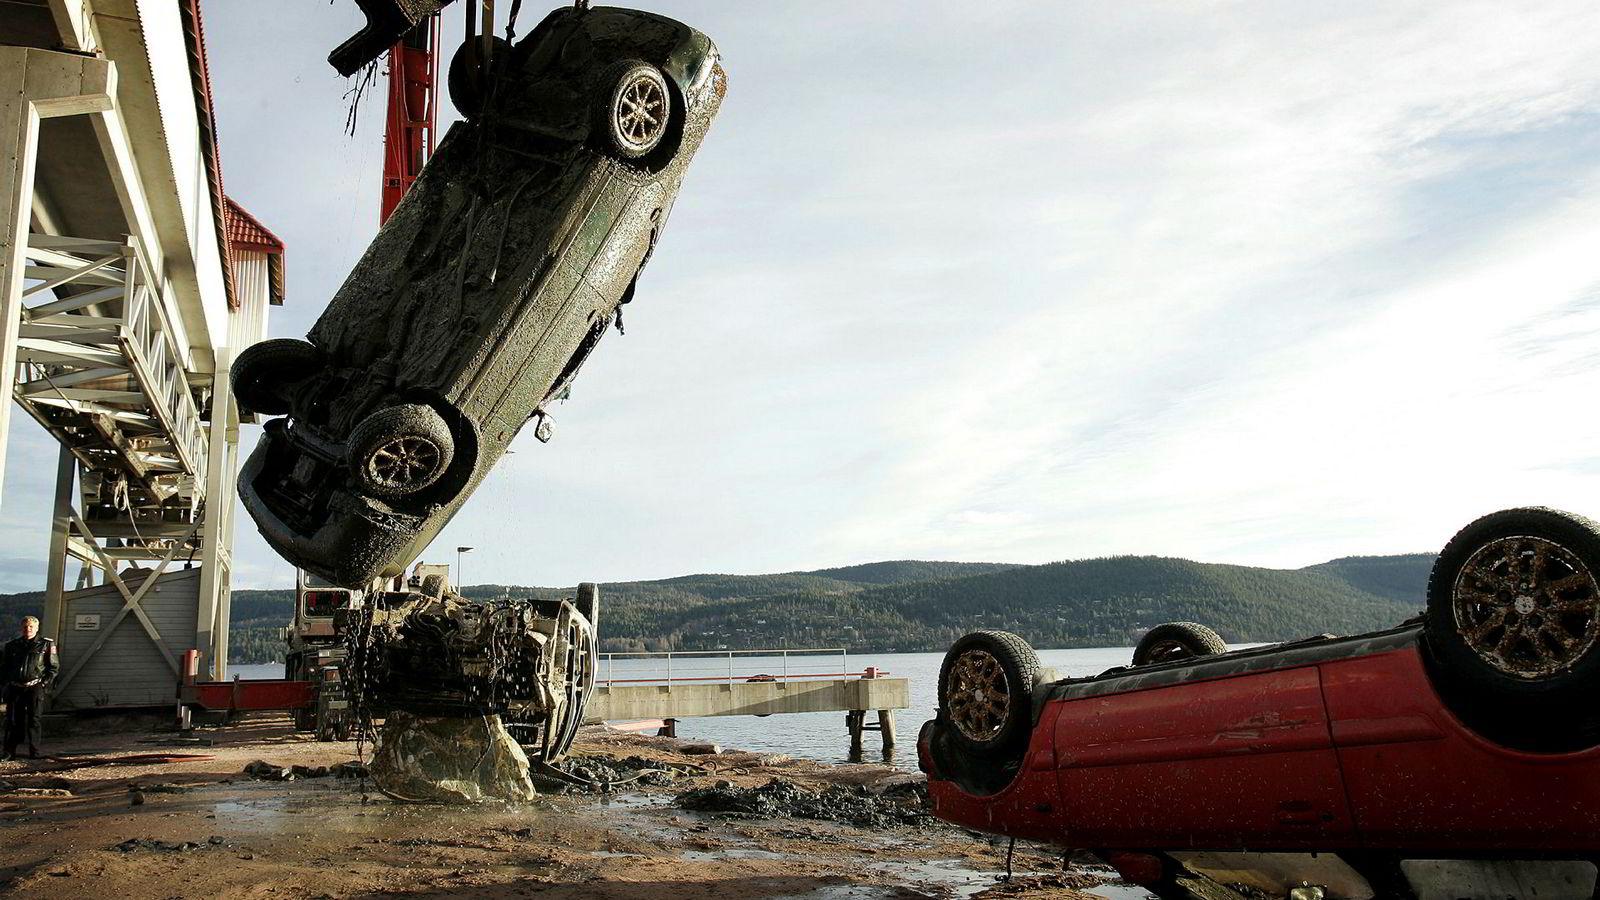 Det er mange måter å lure forsikringsselskapene på. Disse bilene ble funnet i Drammensfjorden, og kan være mulig forsikringssvindel.